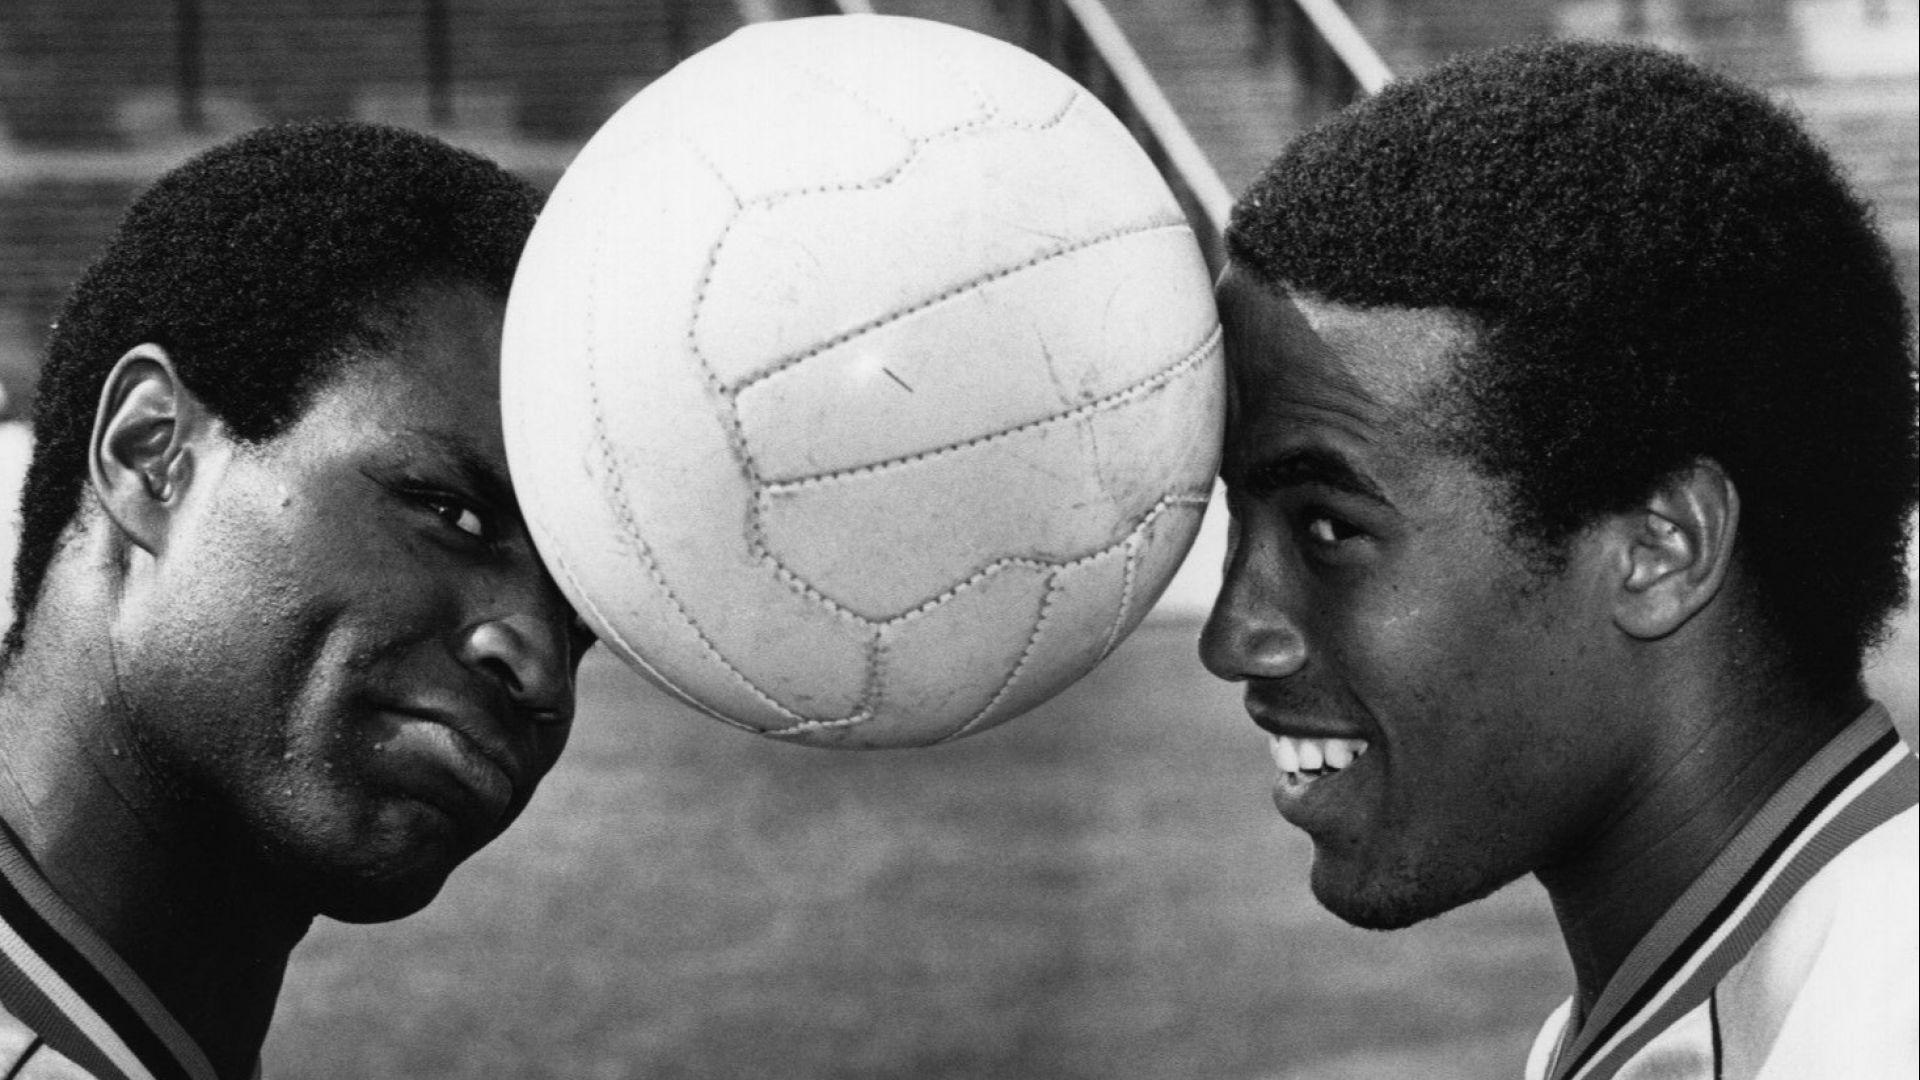 Расизмът в спорта - тема с над 100-годишна история (галерия)